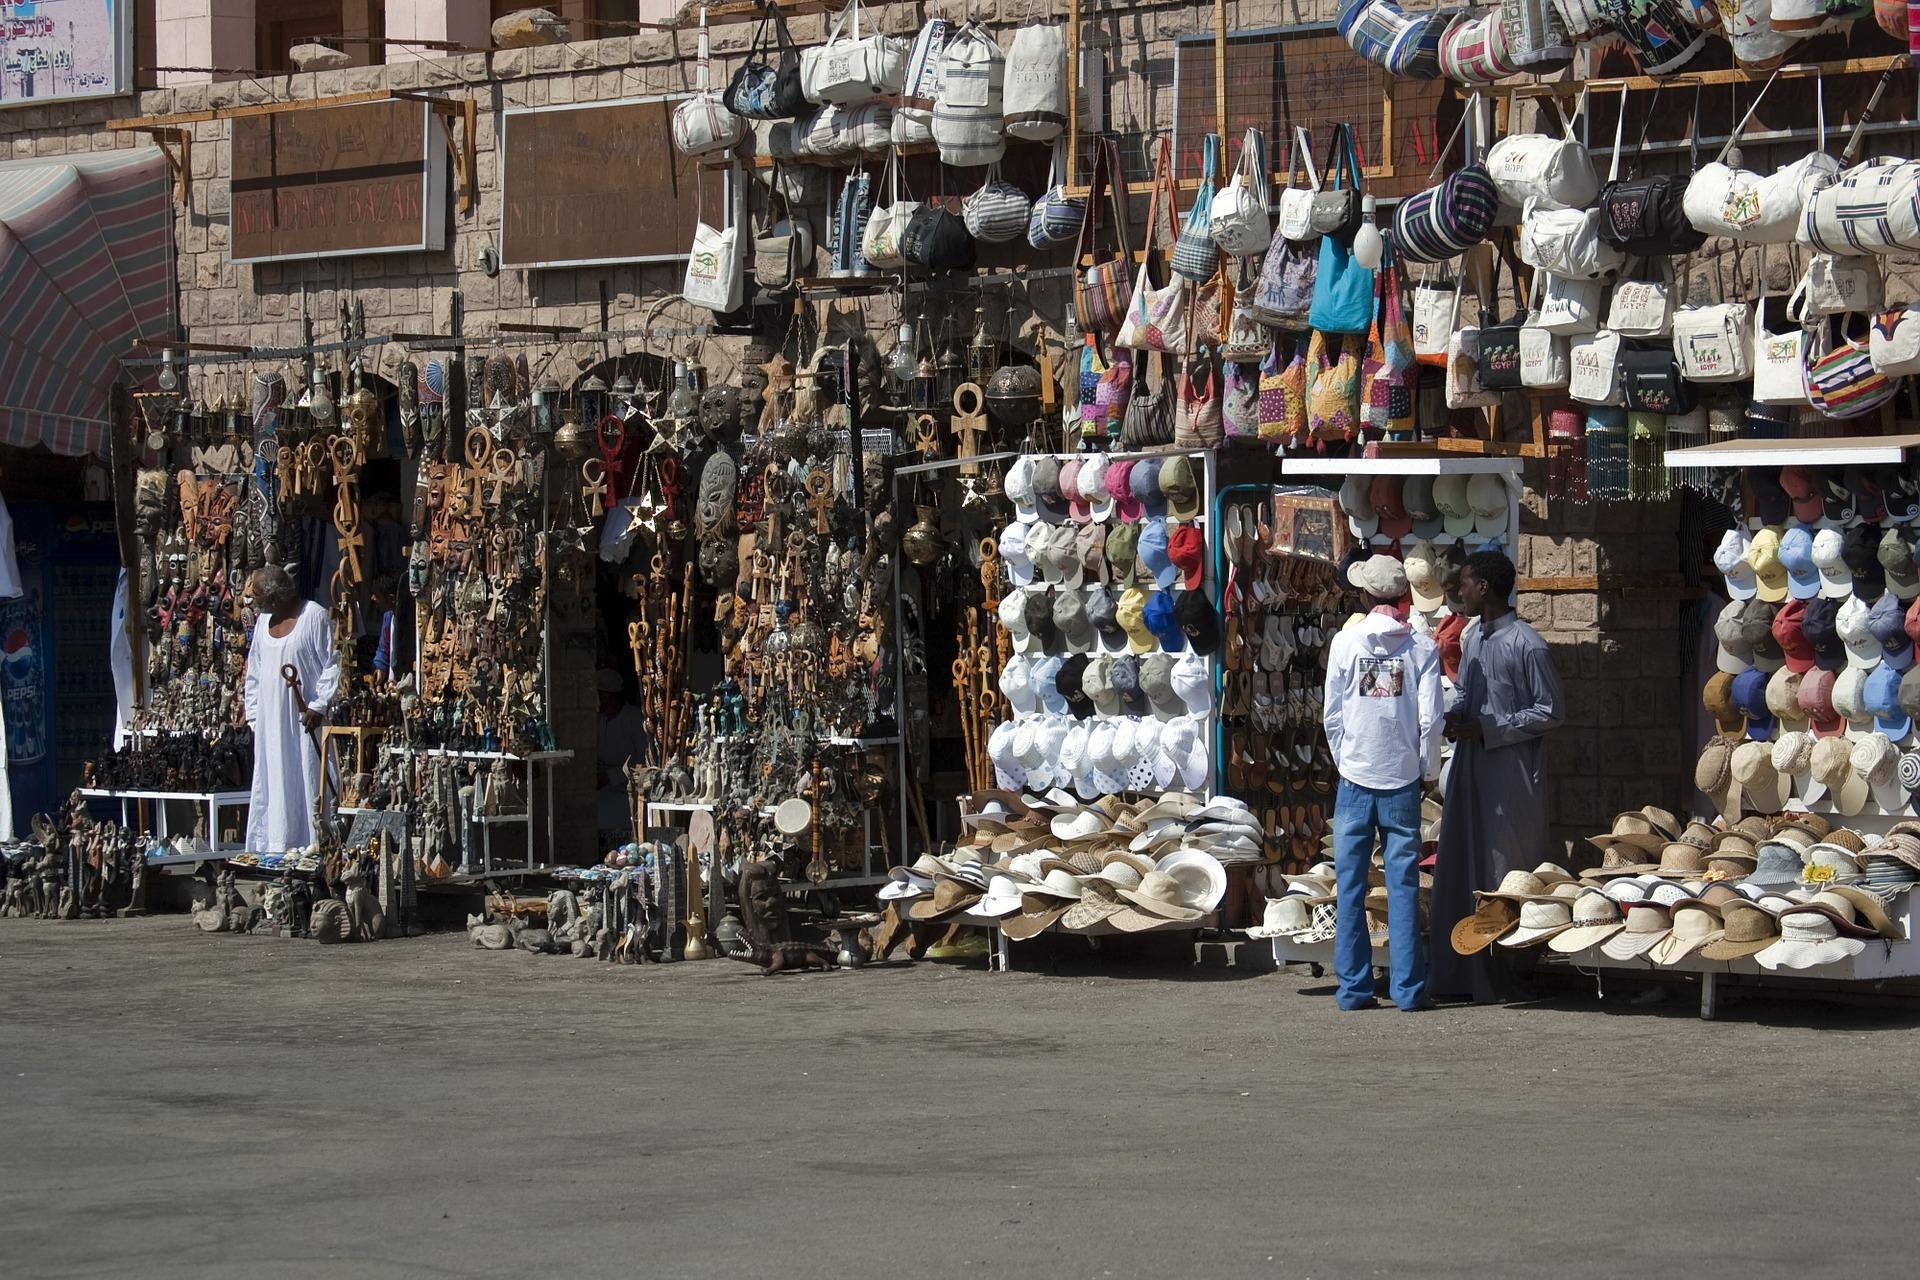 Обман на деньги и махинации в отелях: туристов предупредили о минусах отдыха в Египте